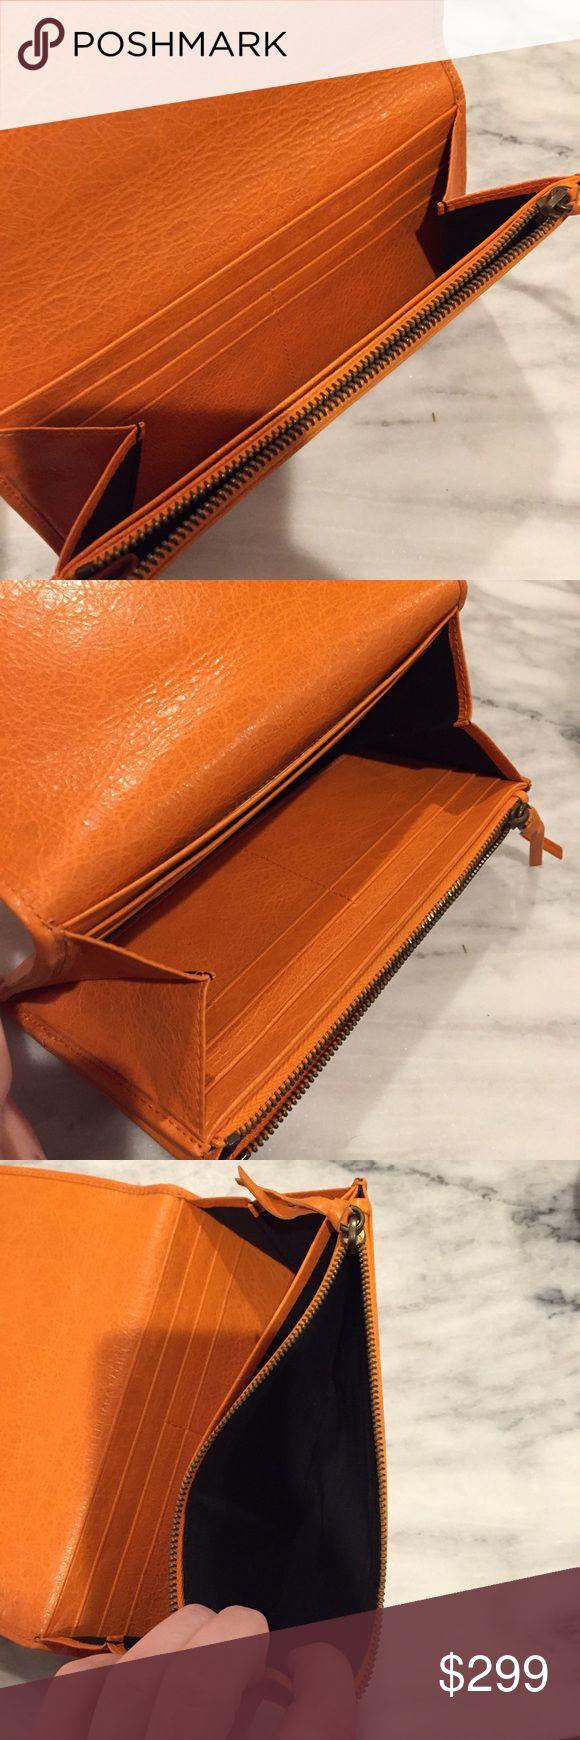 Additional Photos Balenciaga Classic Money Wallet Please reference original post. Balenciaga Bags Wallets